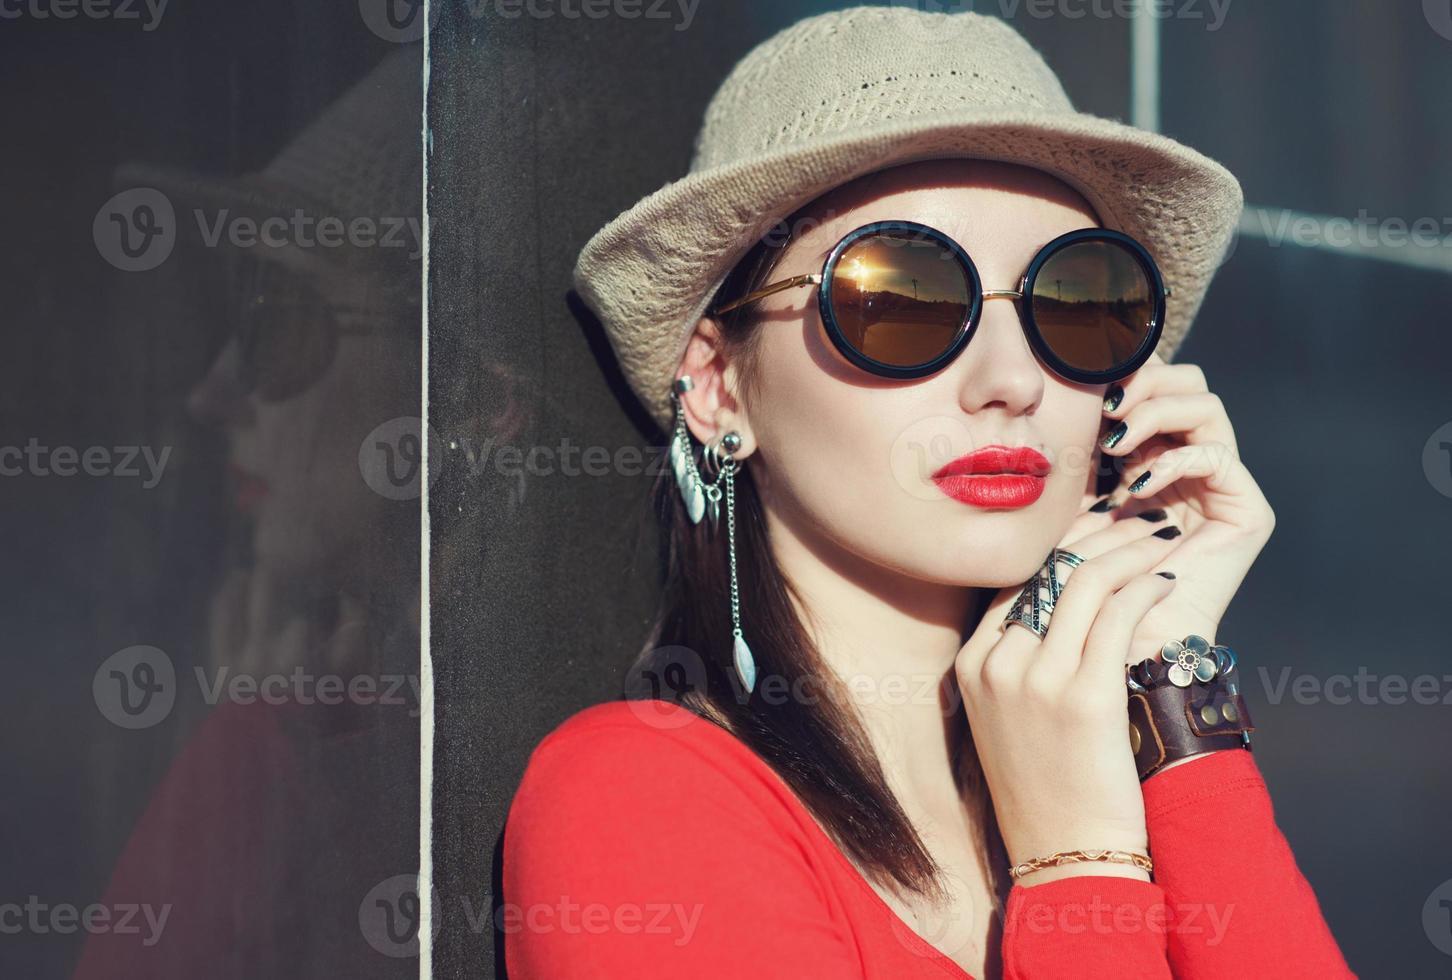 hermosa joven con sombrero y gafas de sol foto